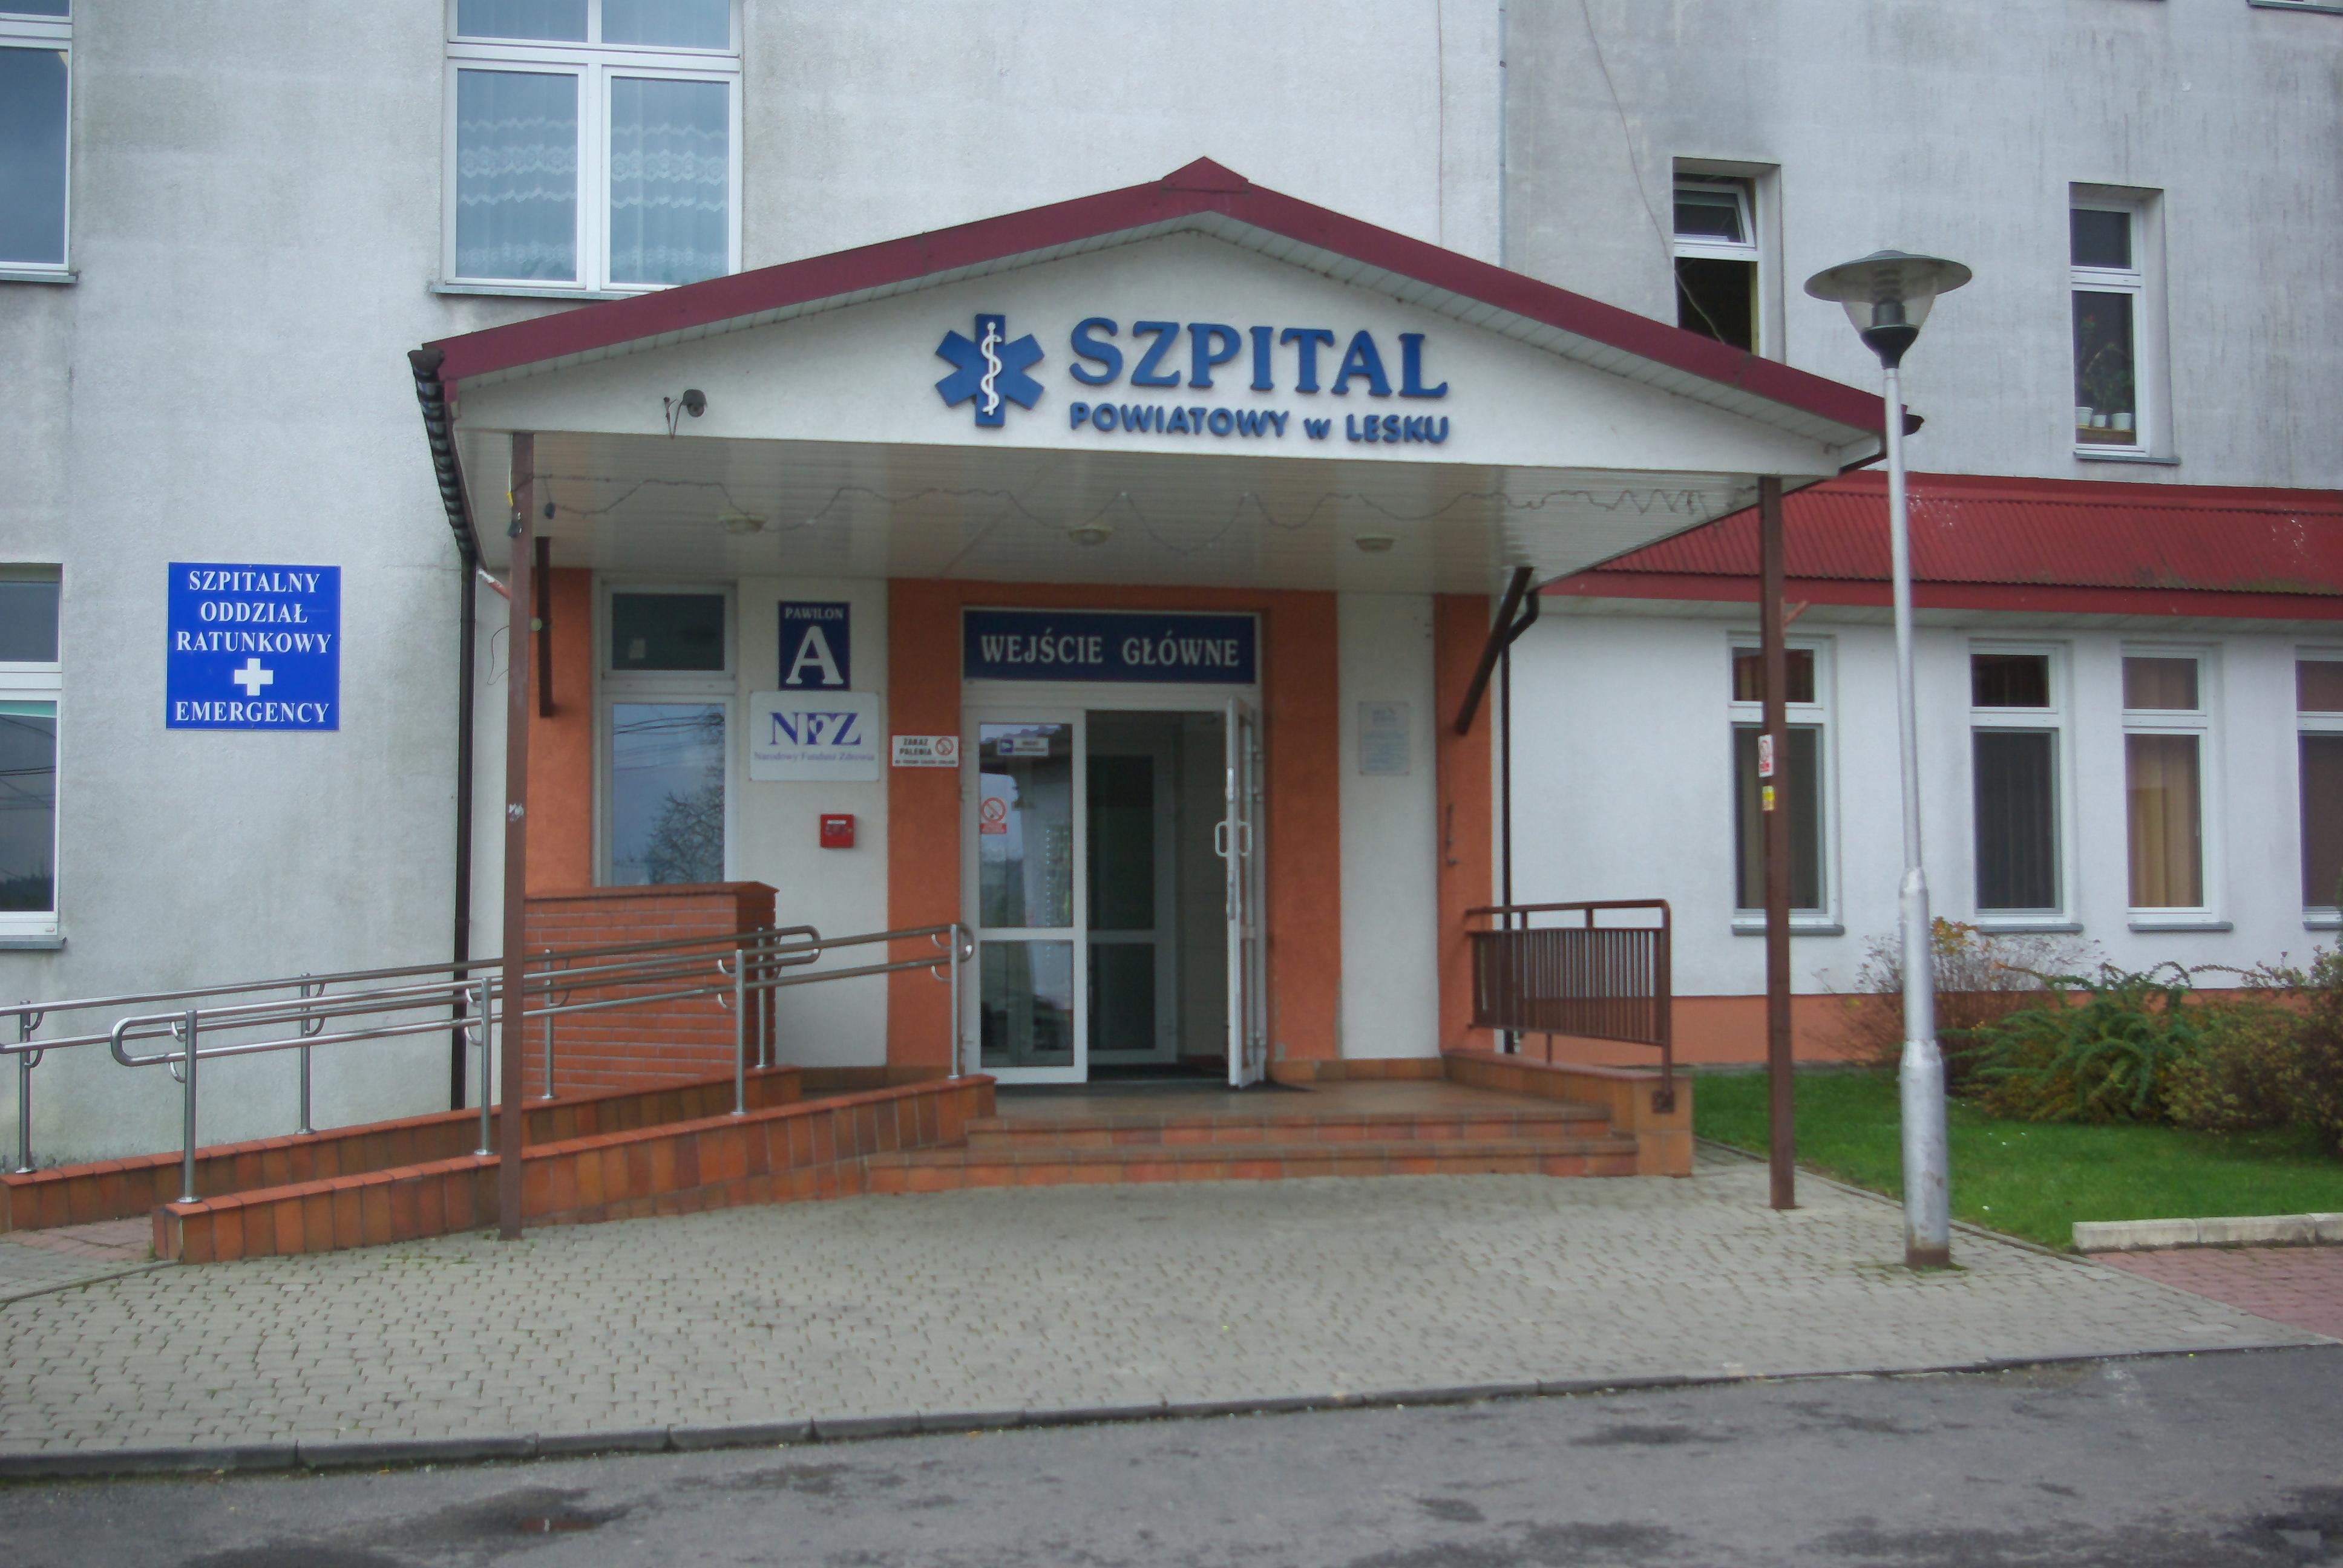 Szpital Powiatowy w Lesku